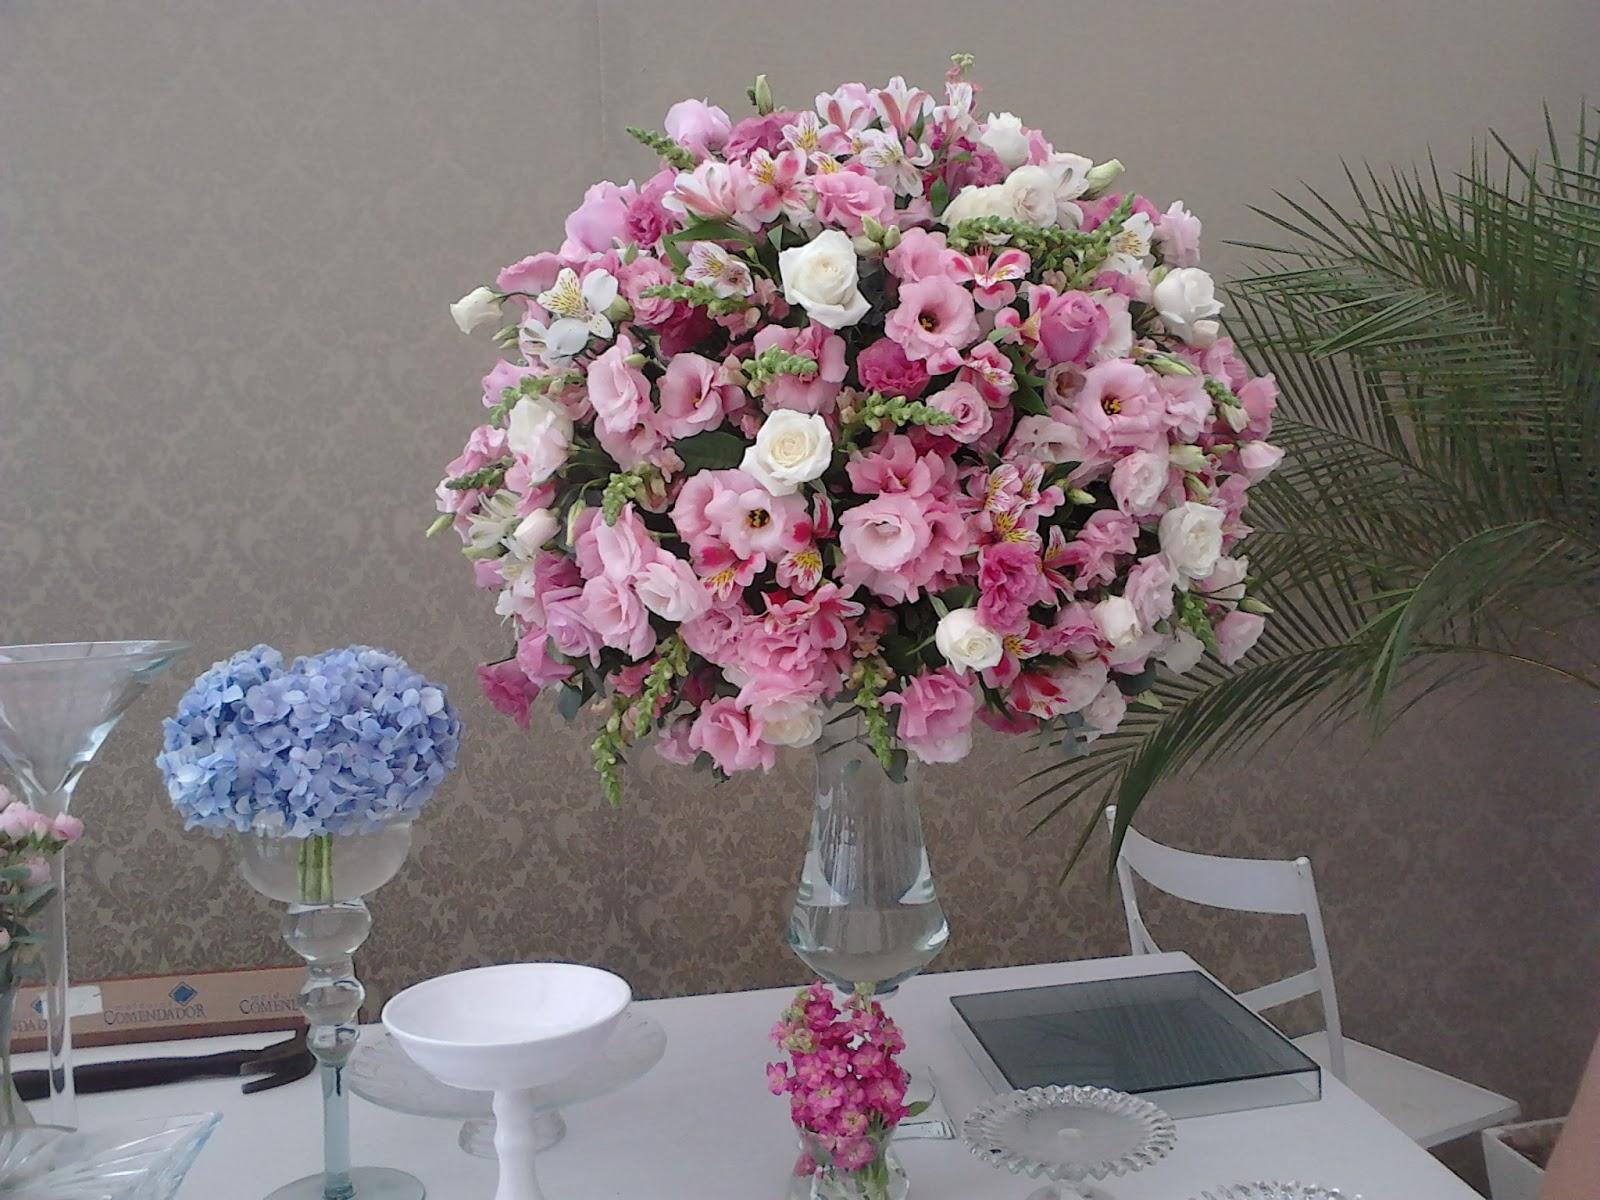 Fotos De Arranjos De Flores Artificiais Para Casamento - Arranjos De Flores Para Casamento Fotos E Dicas